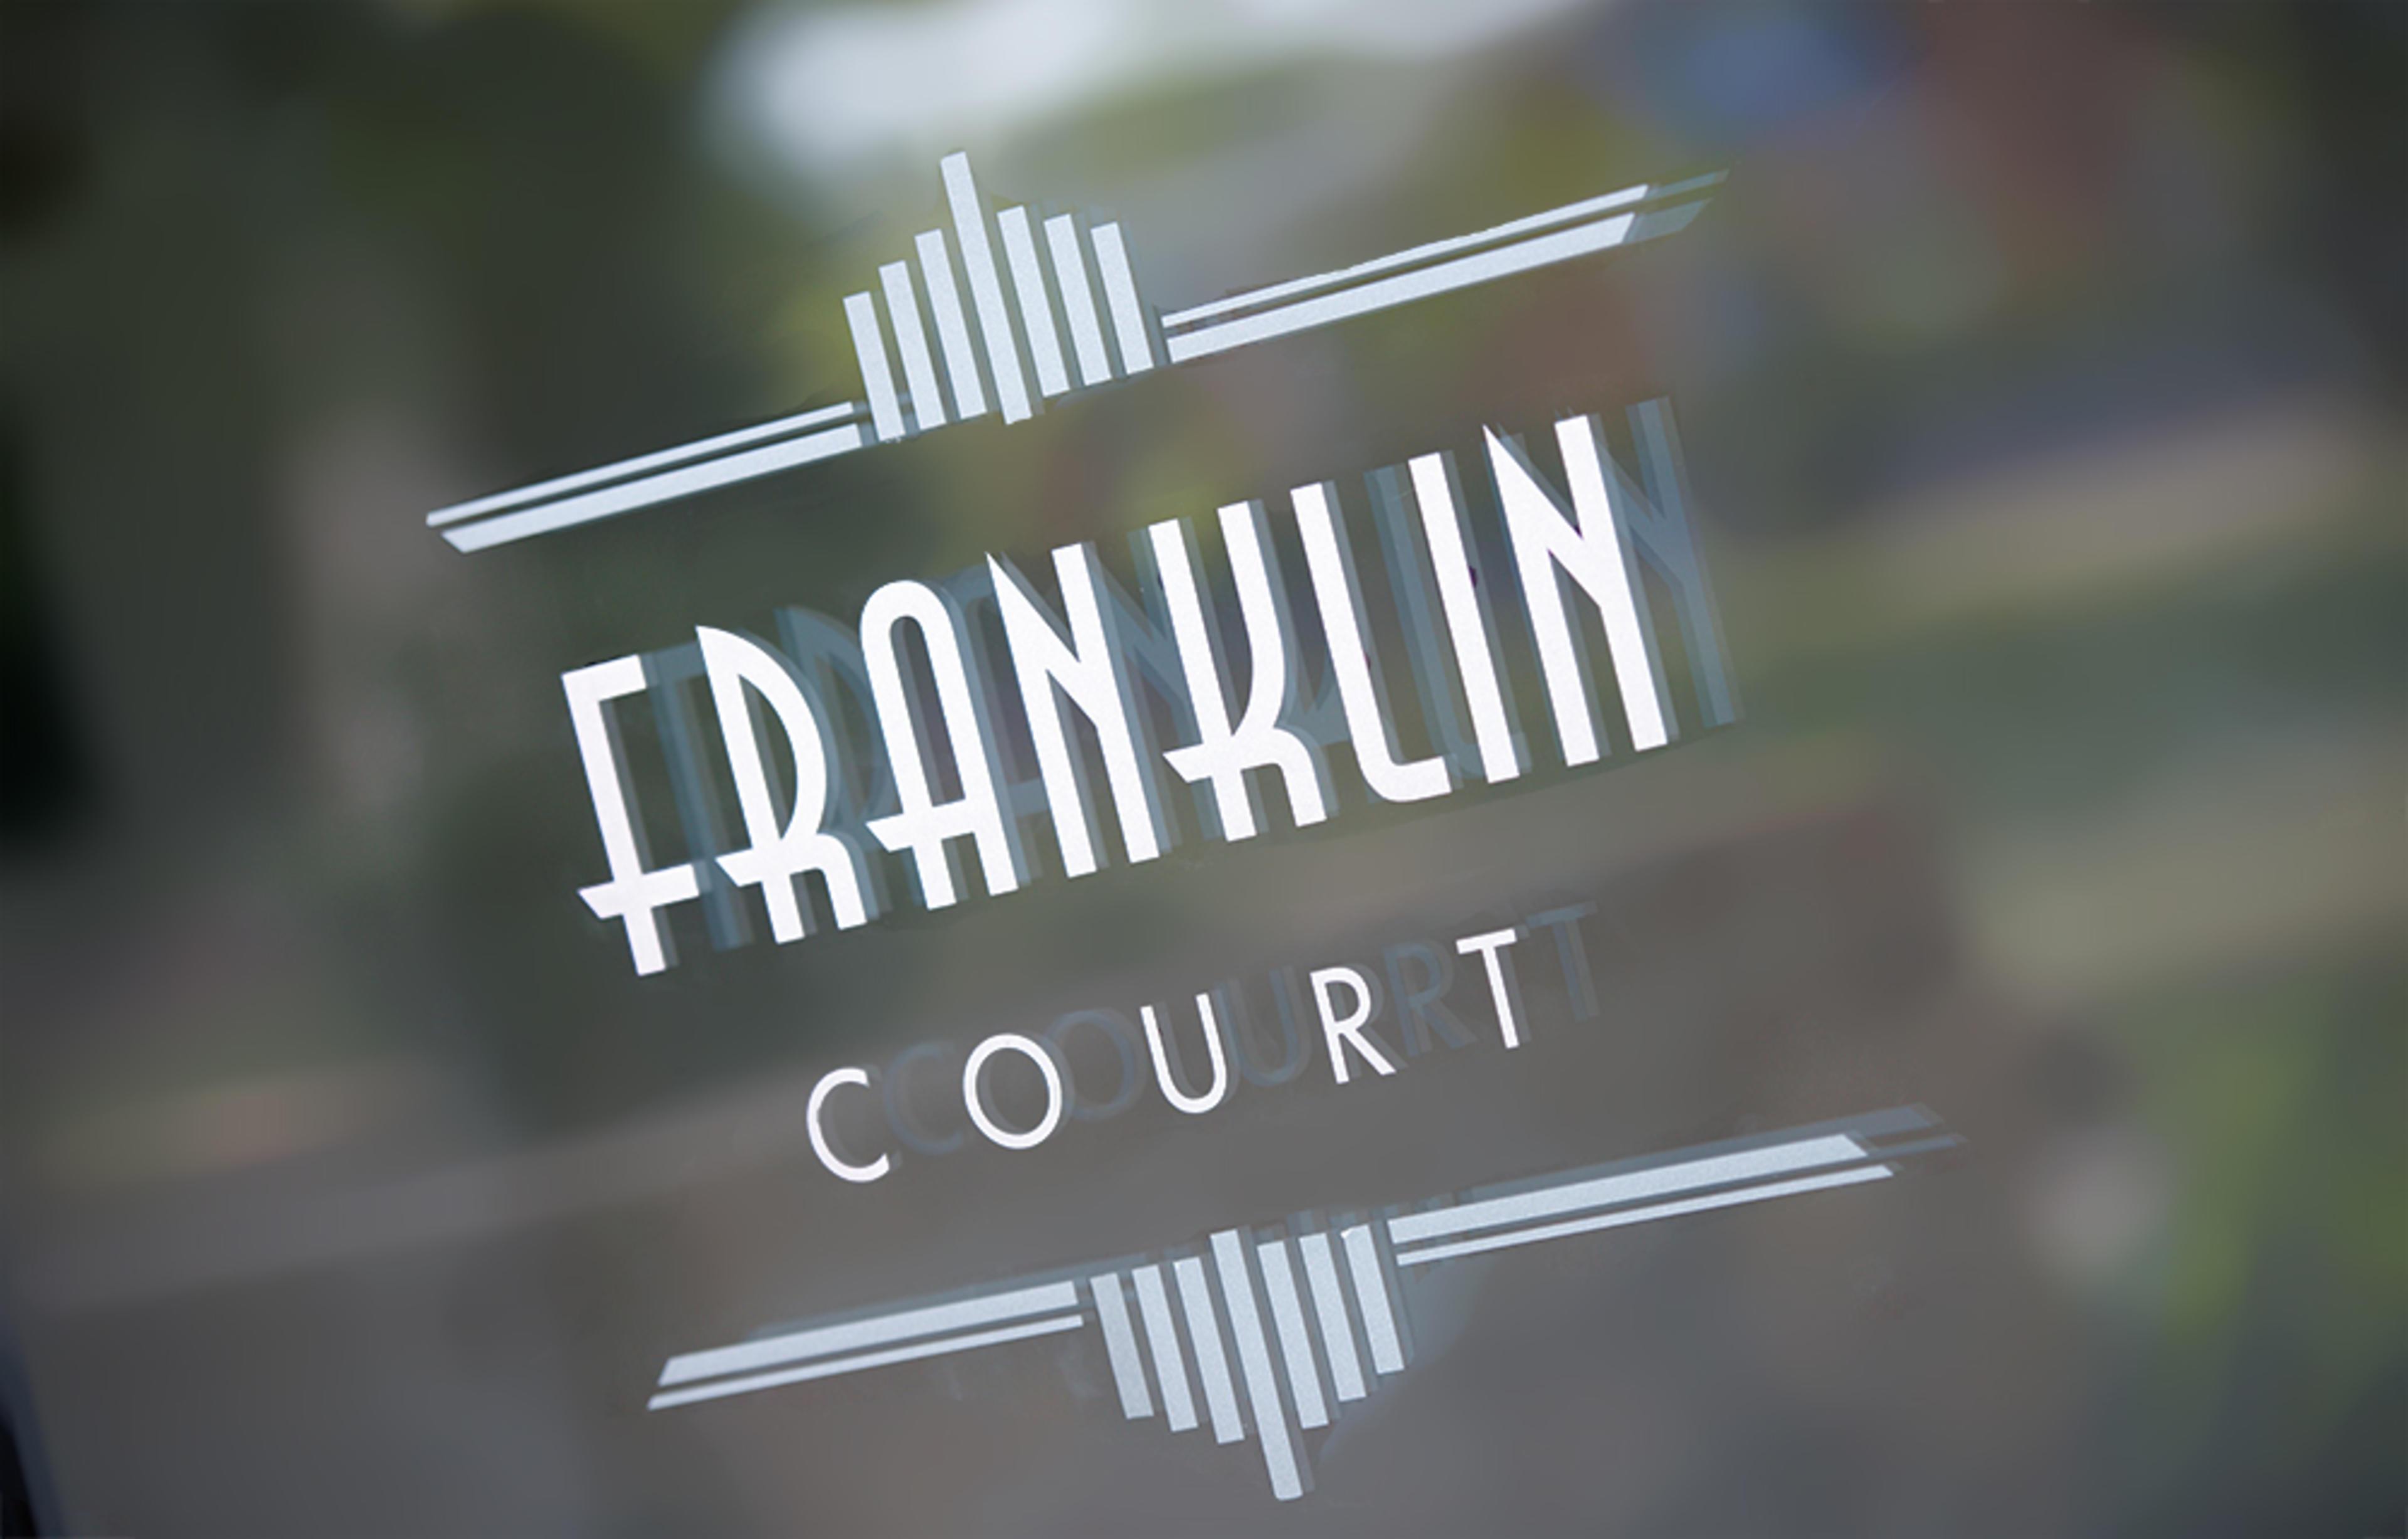 franklin-court-borehamwood-development-external-door-sign